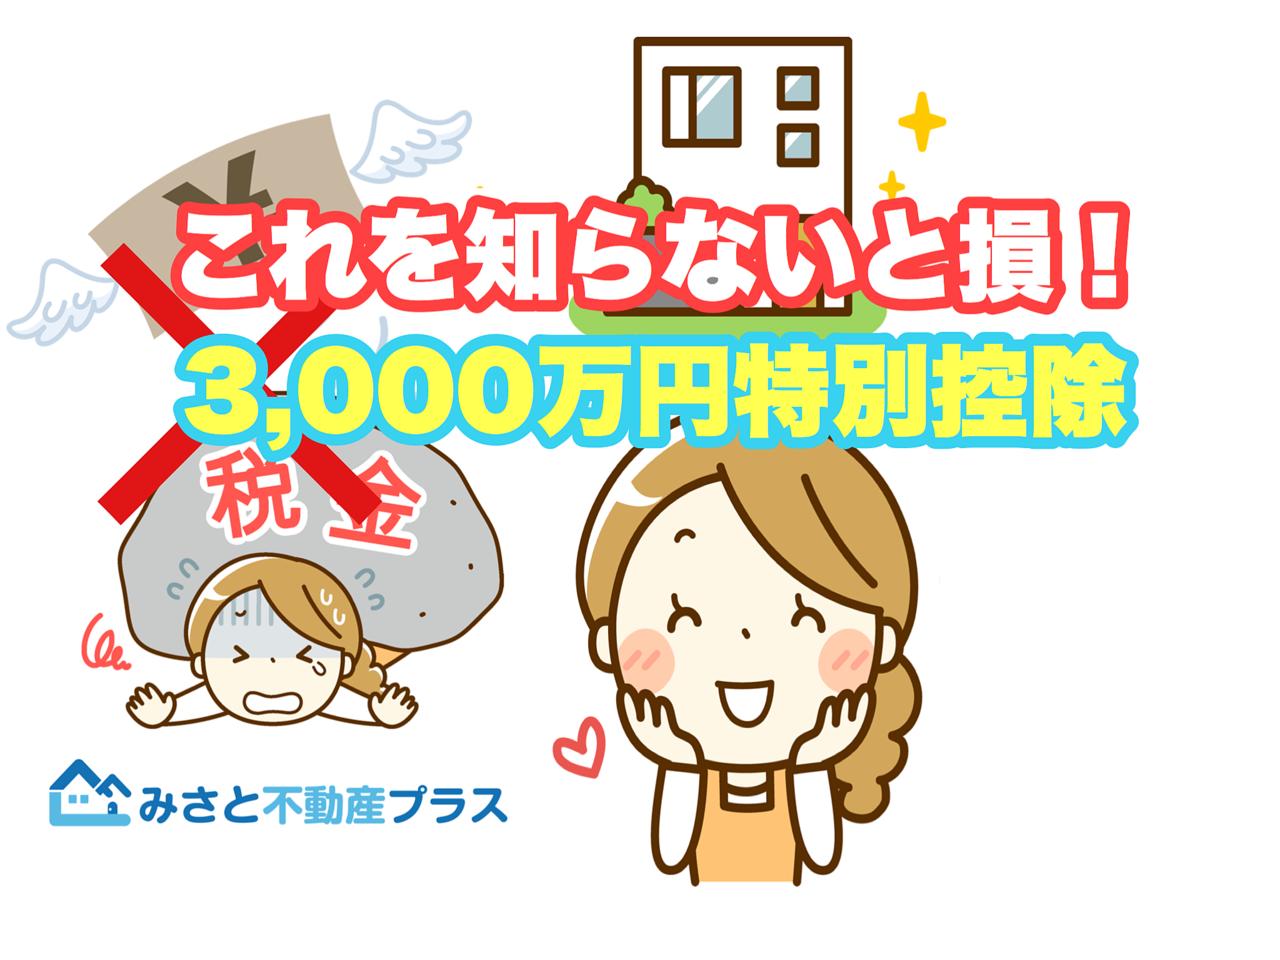 【みさと不動産プラス知っトク情報】「3,000万円特別控除」を解説!これを知らないと損!